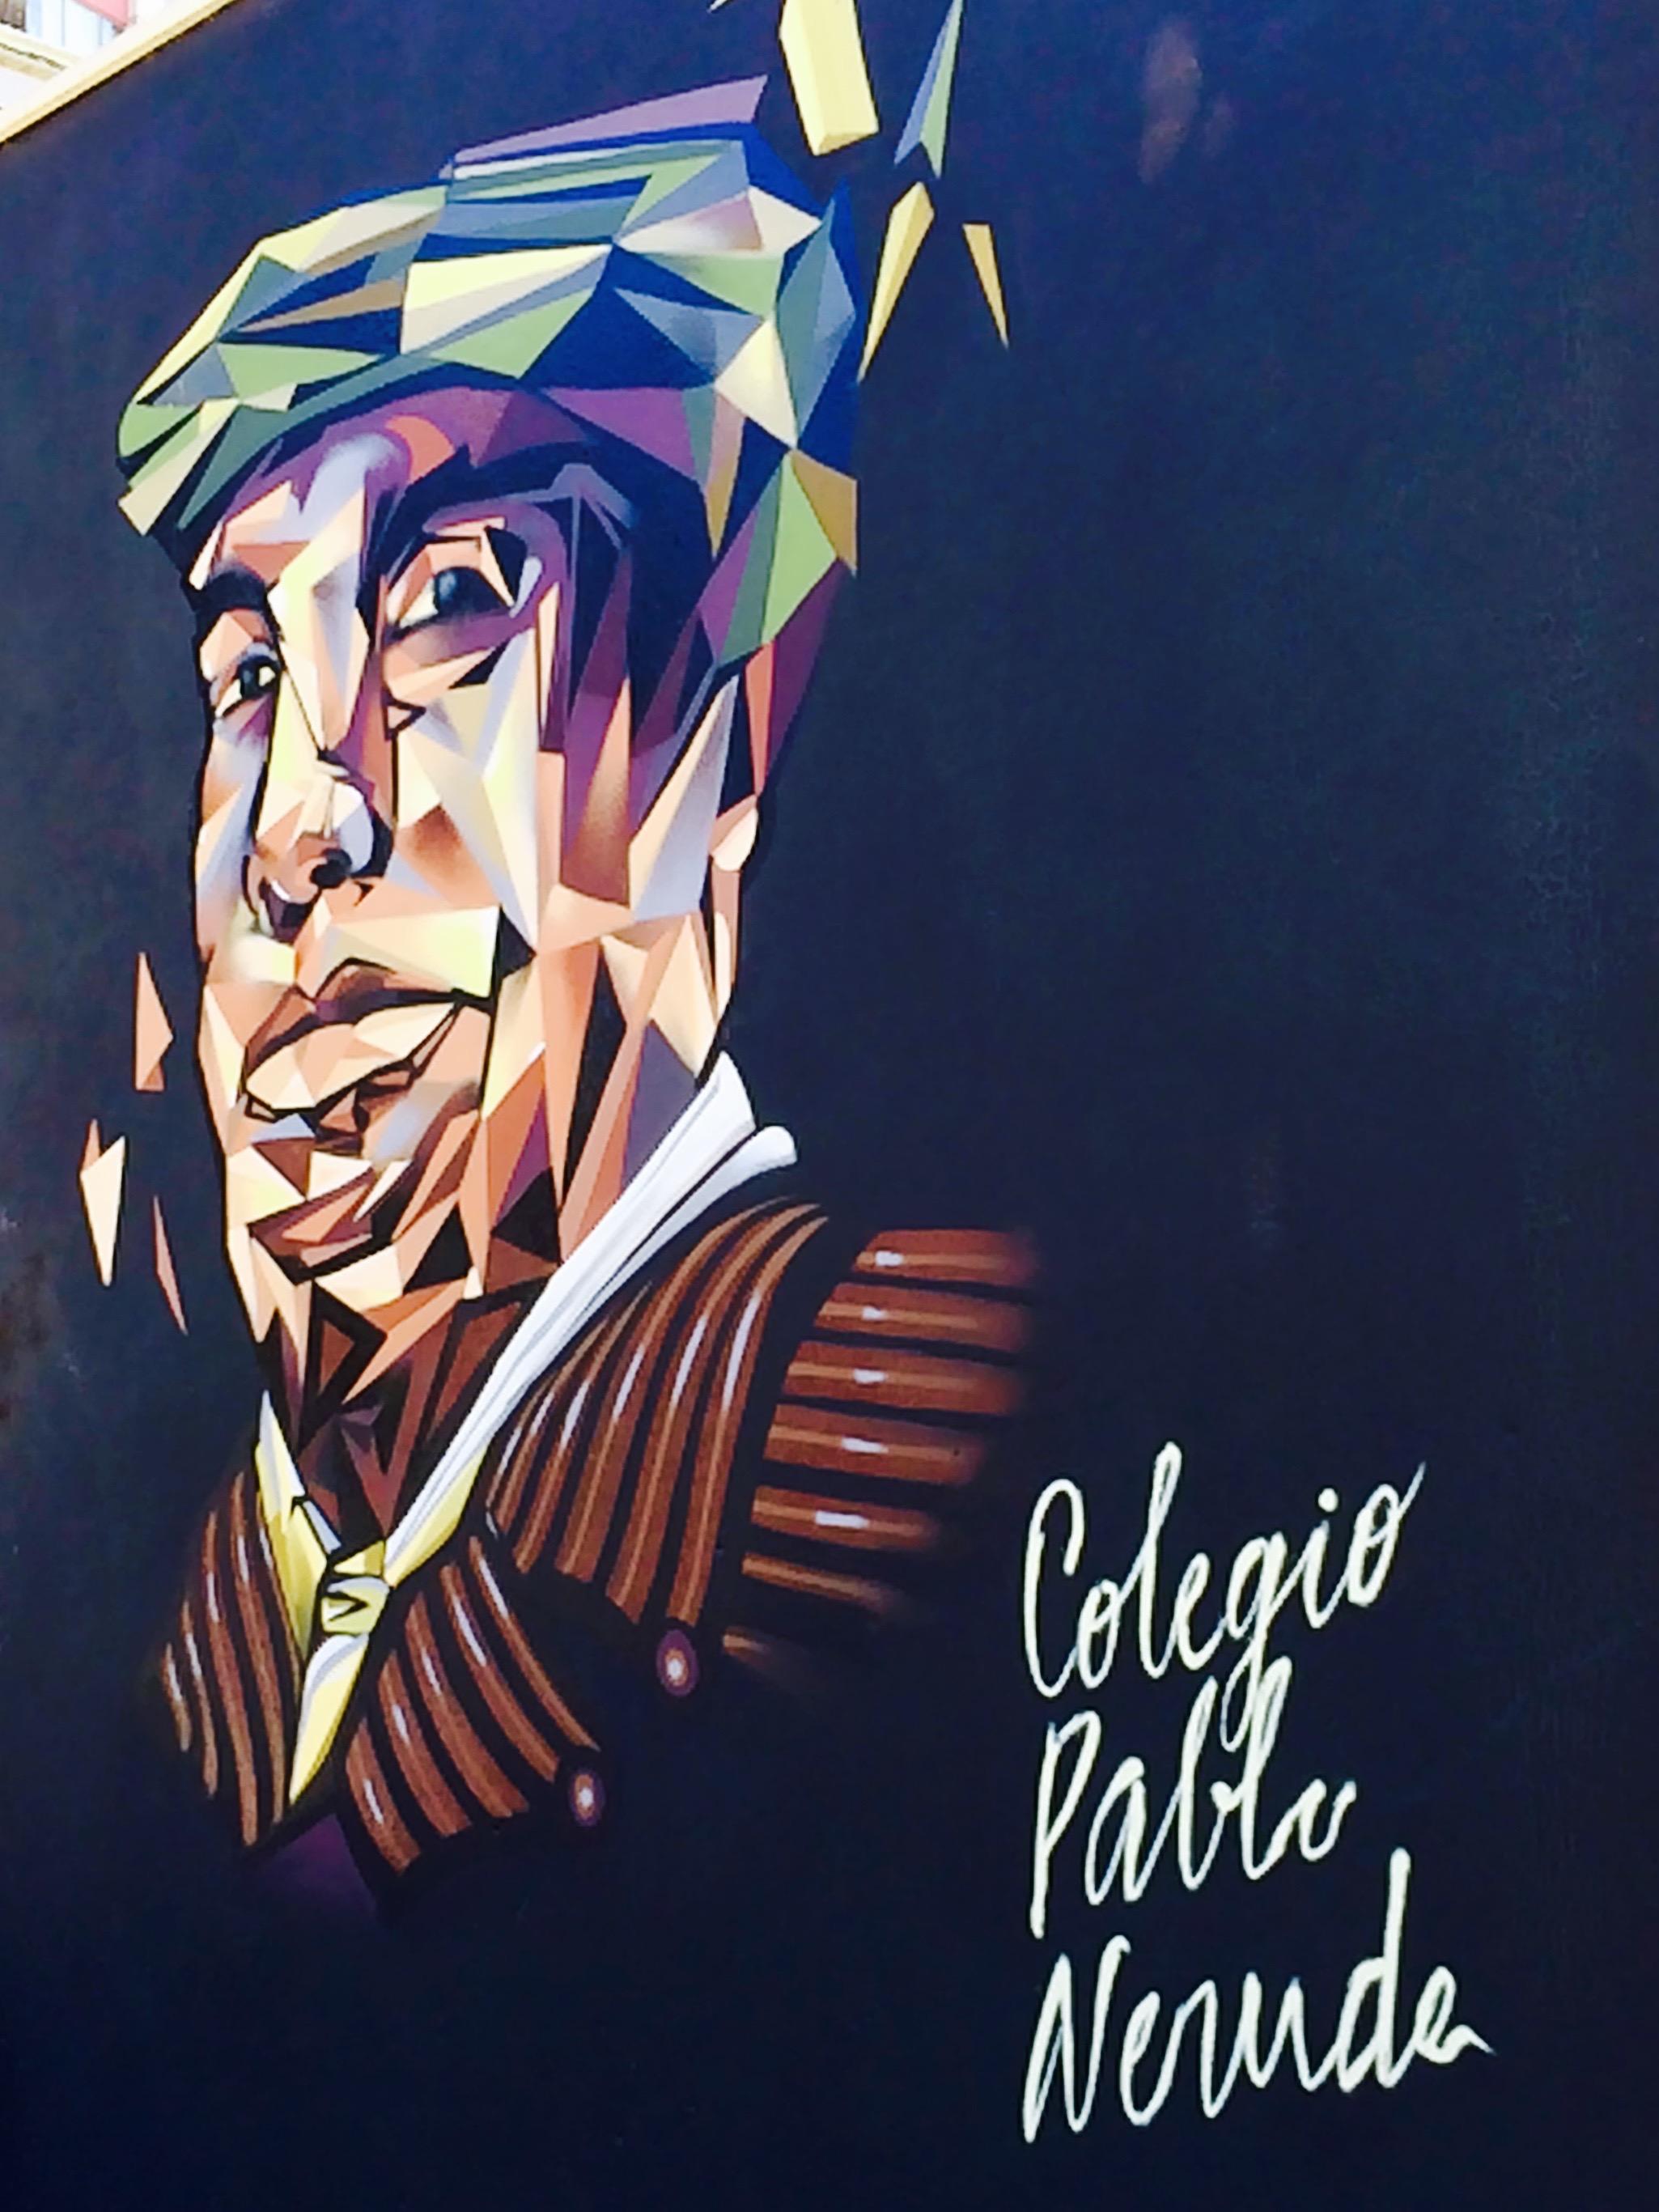 Pablo Neruda Mural, Valparaiso Chile - 3 Days*